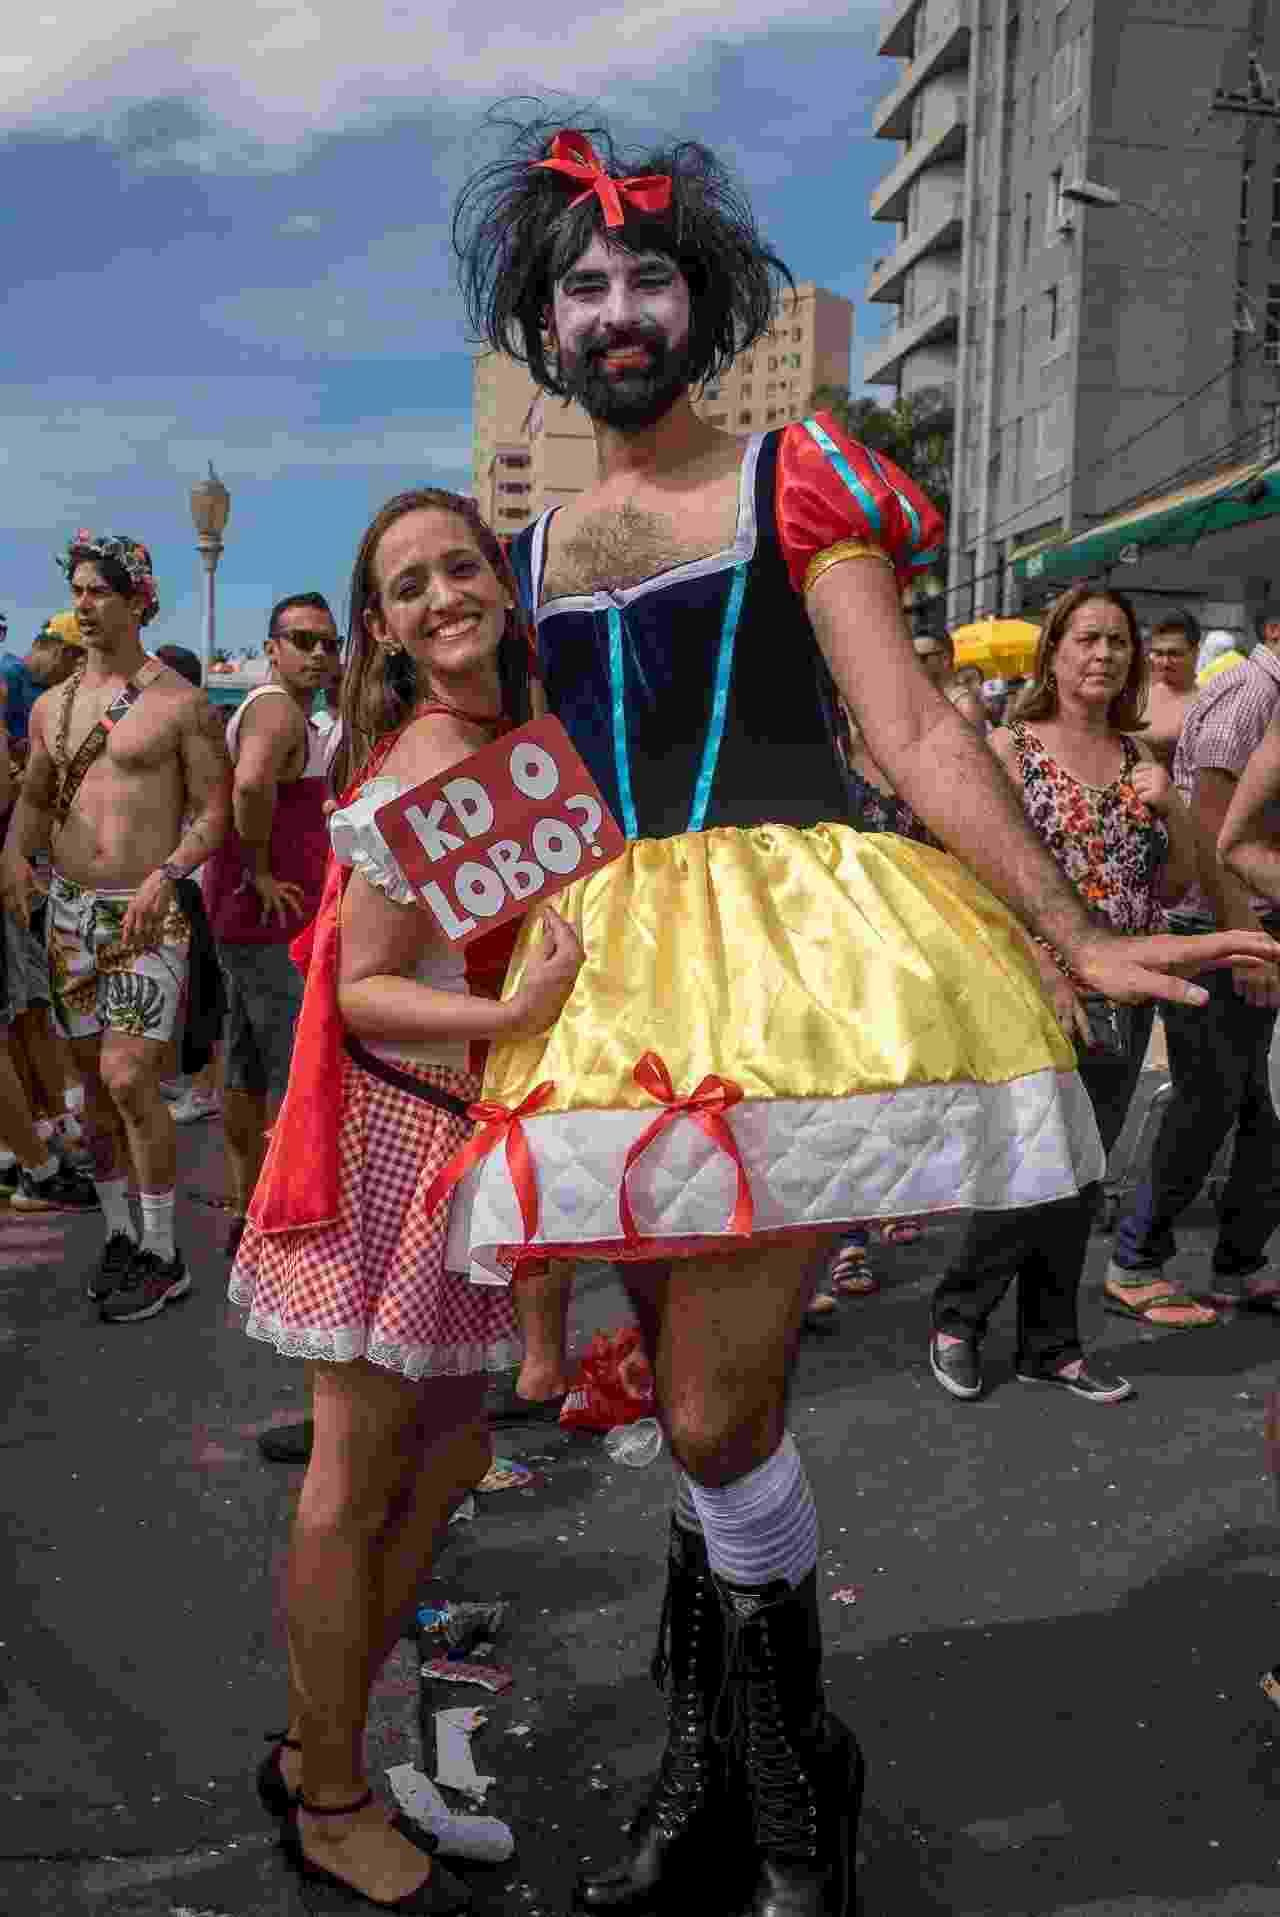 Em Belo Horizonte, o bloco Corte Devassa teve fantasias caprichadas, como esta Branca de Neve e atraiu público de todas as idades nesta segunda (12) - Nereu Jr/UOL